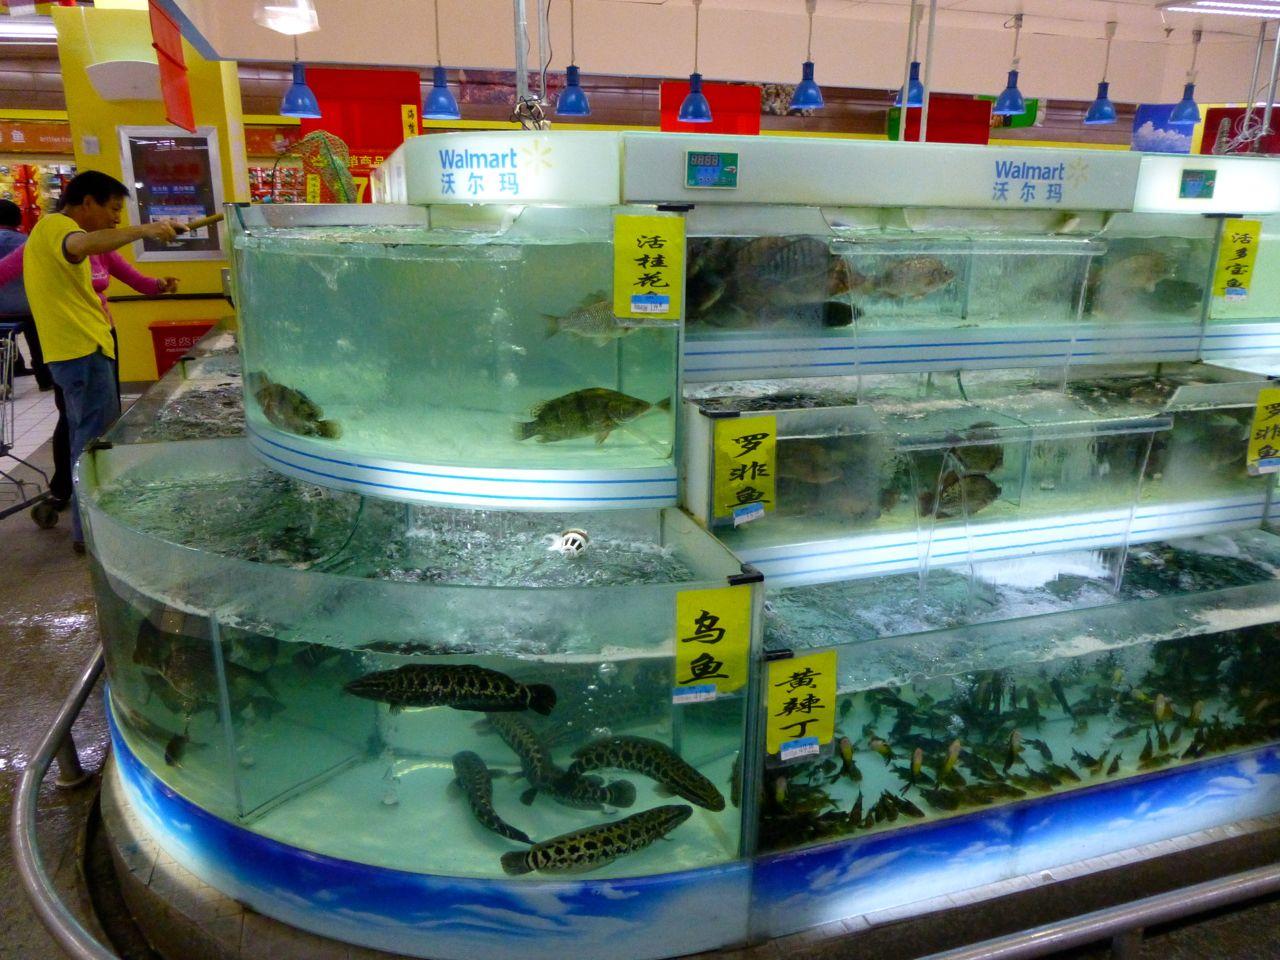 Fish at Walmart source...